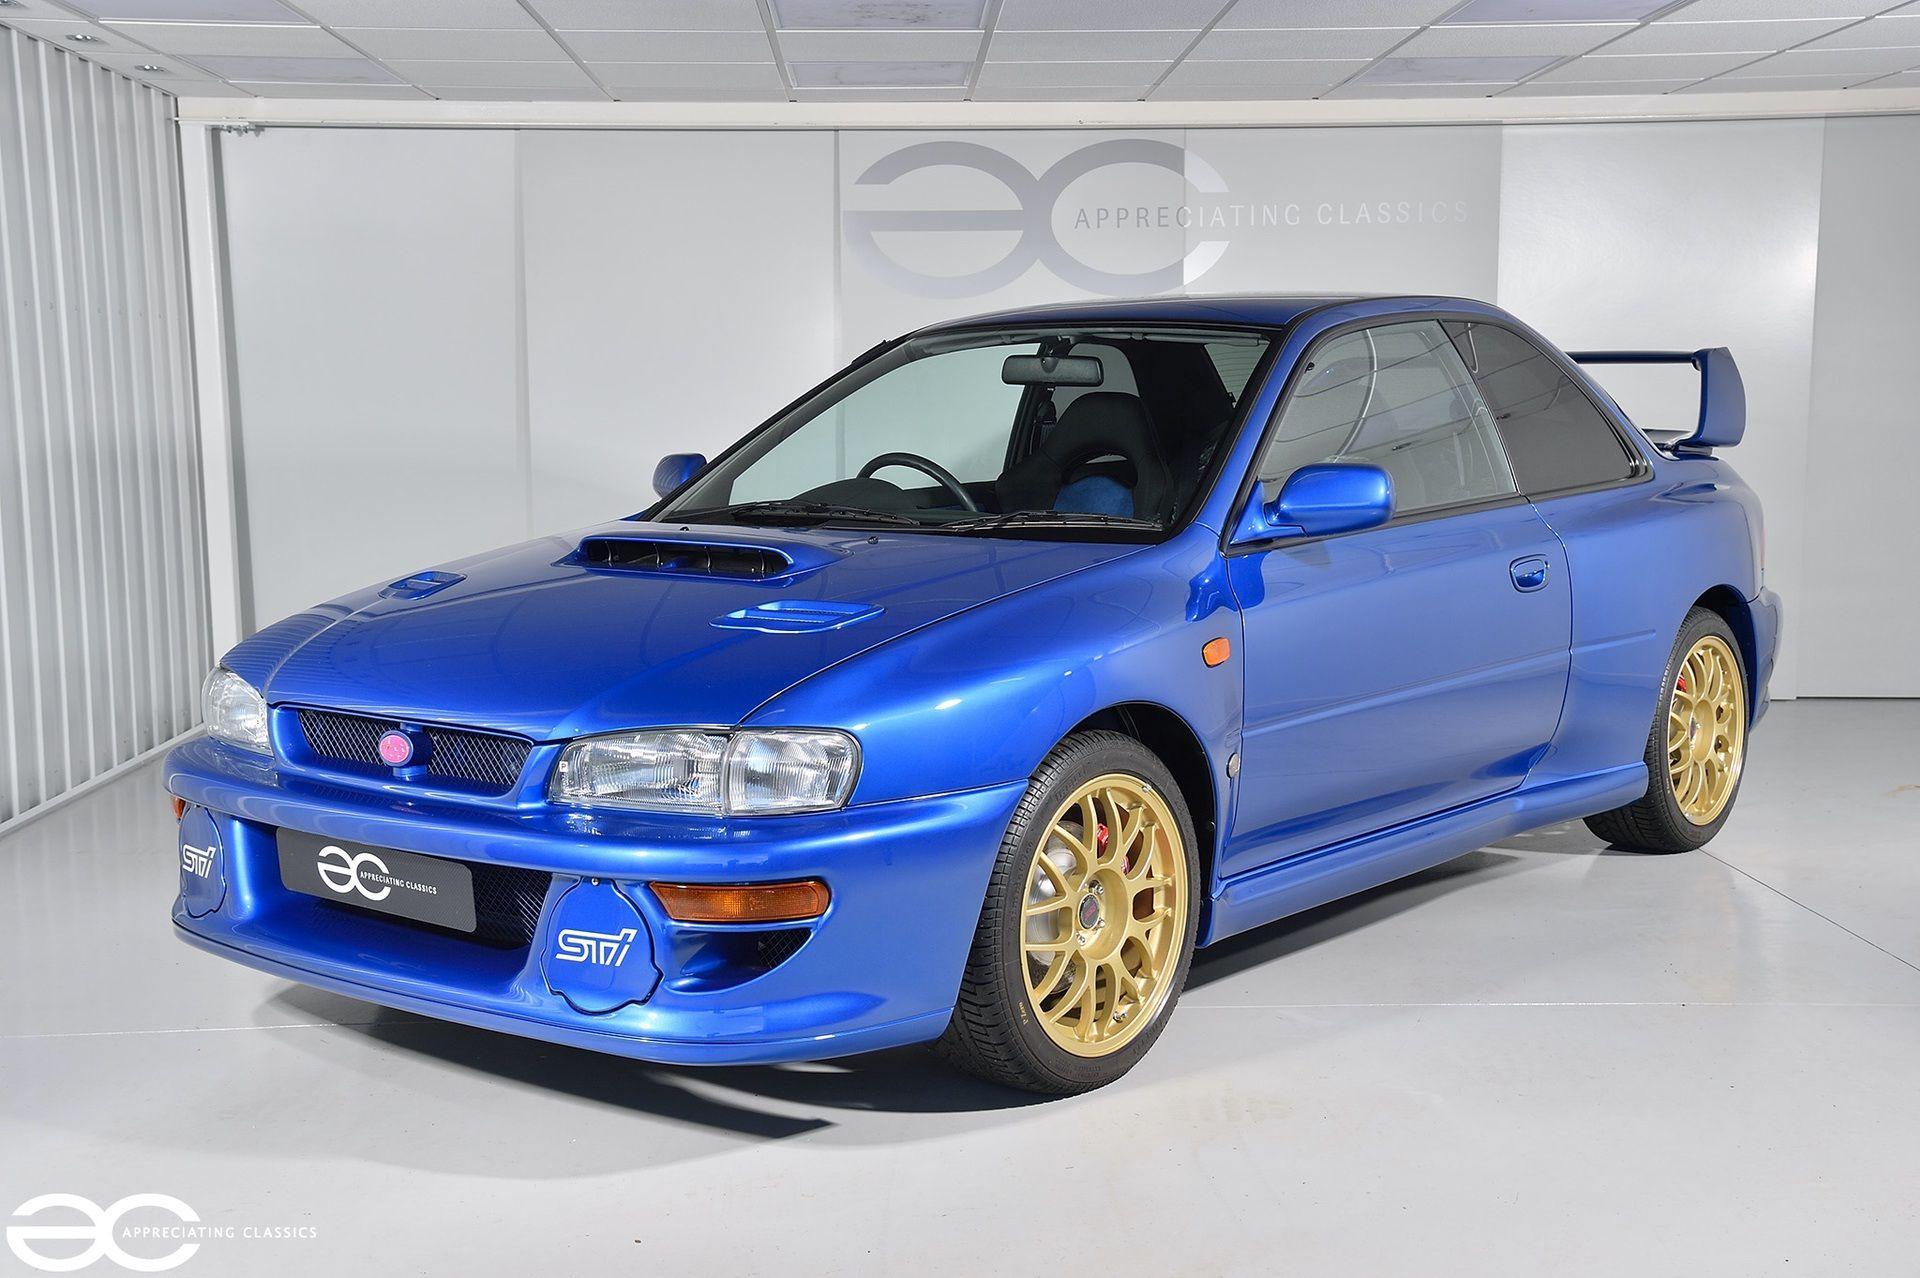 1998_Subaru_Impreza_22B_sale_0005